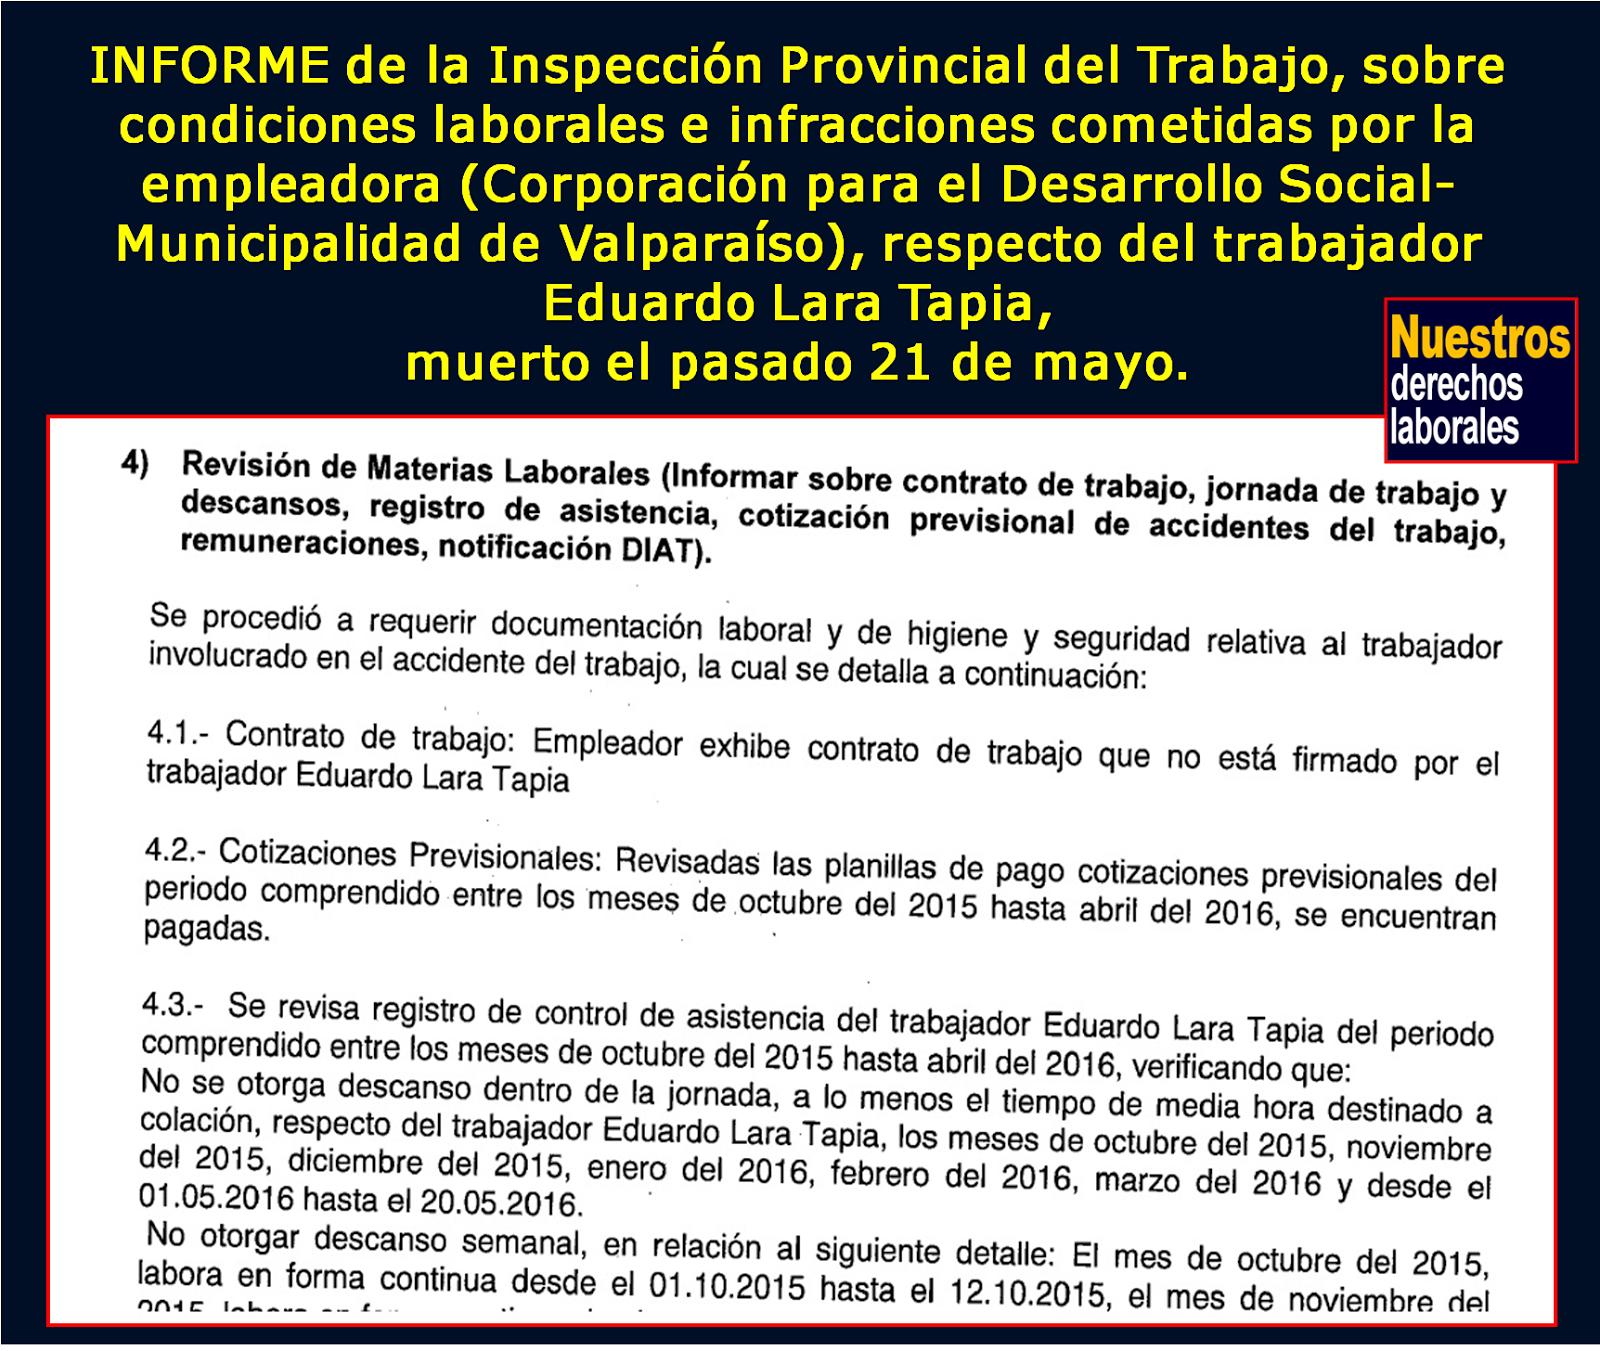 Realidad laboral, trabajador Eduardo Lara, muerto el 21 de mayo de 2015, Valparaíso.